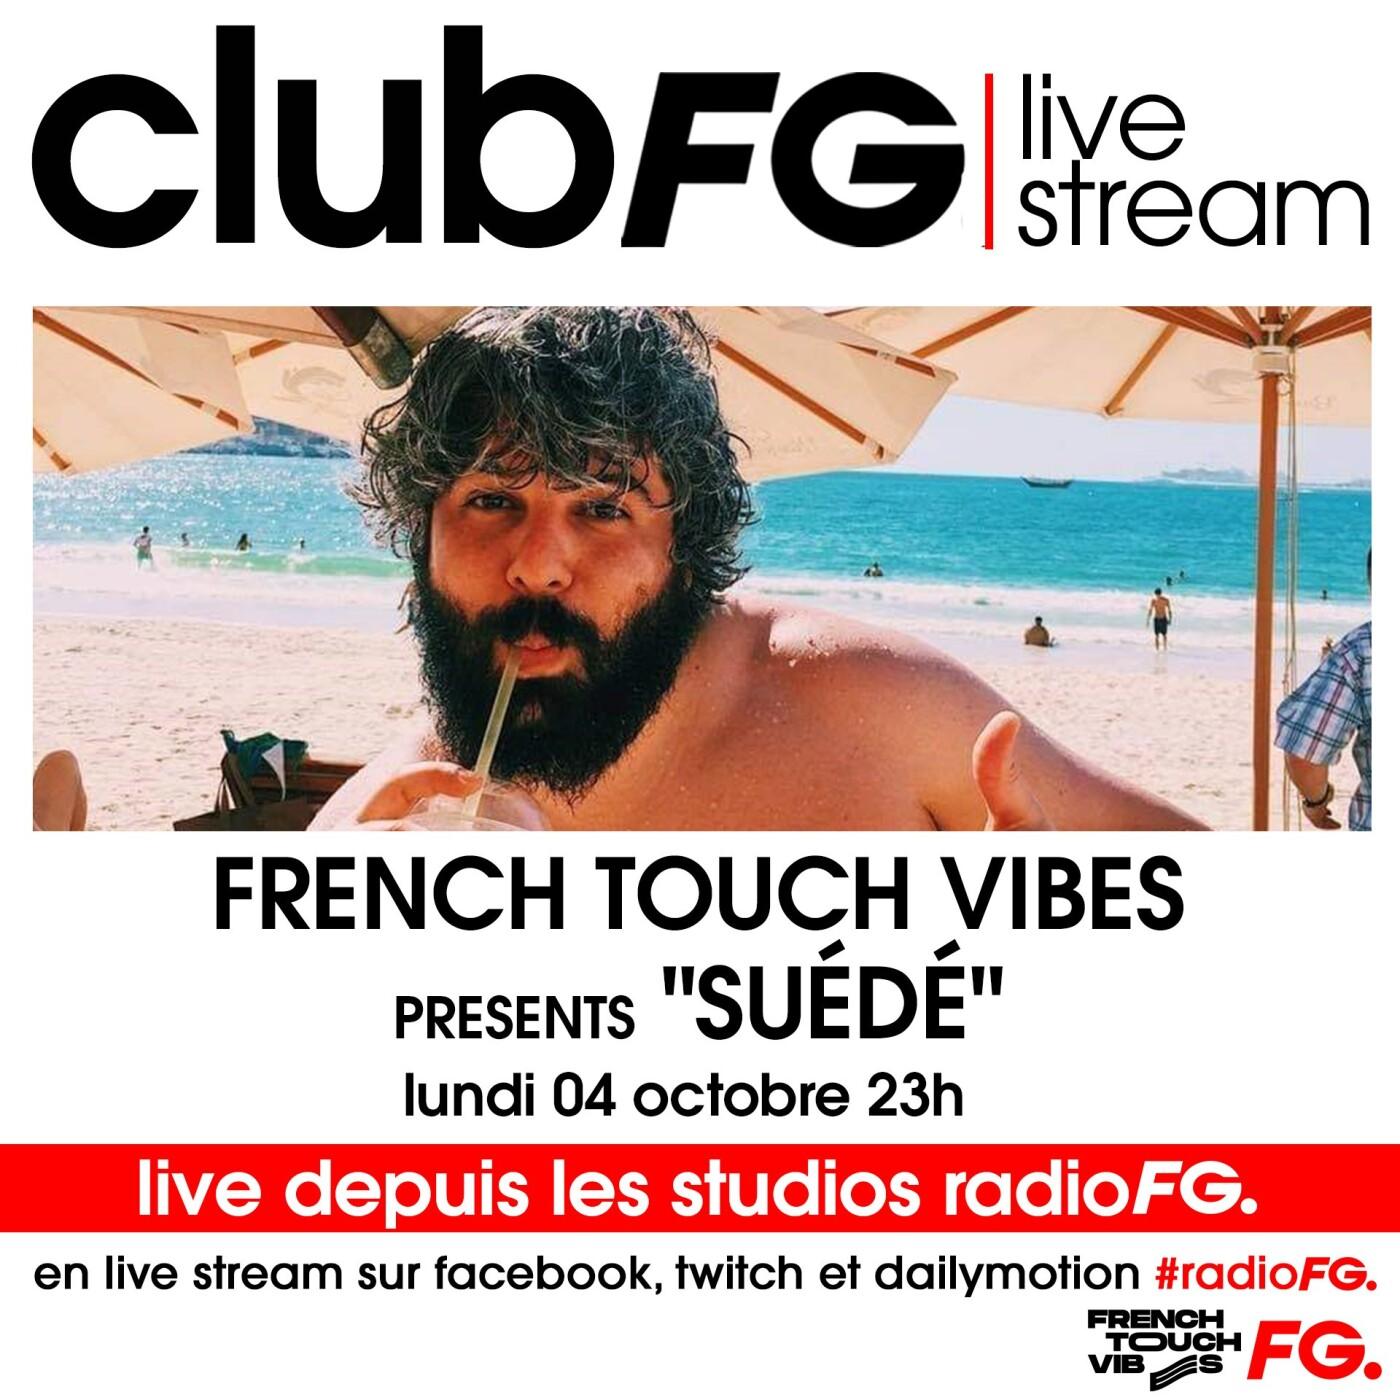 CLUB FG LIVE STREAM : SUEDE